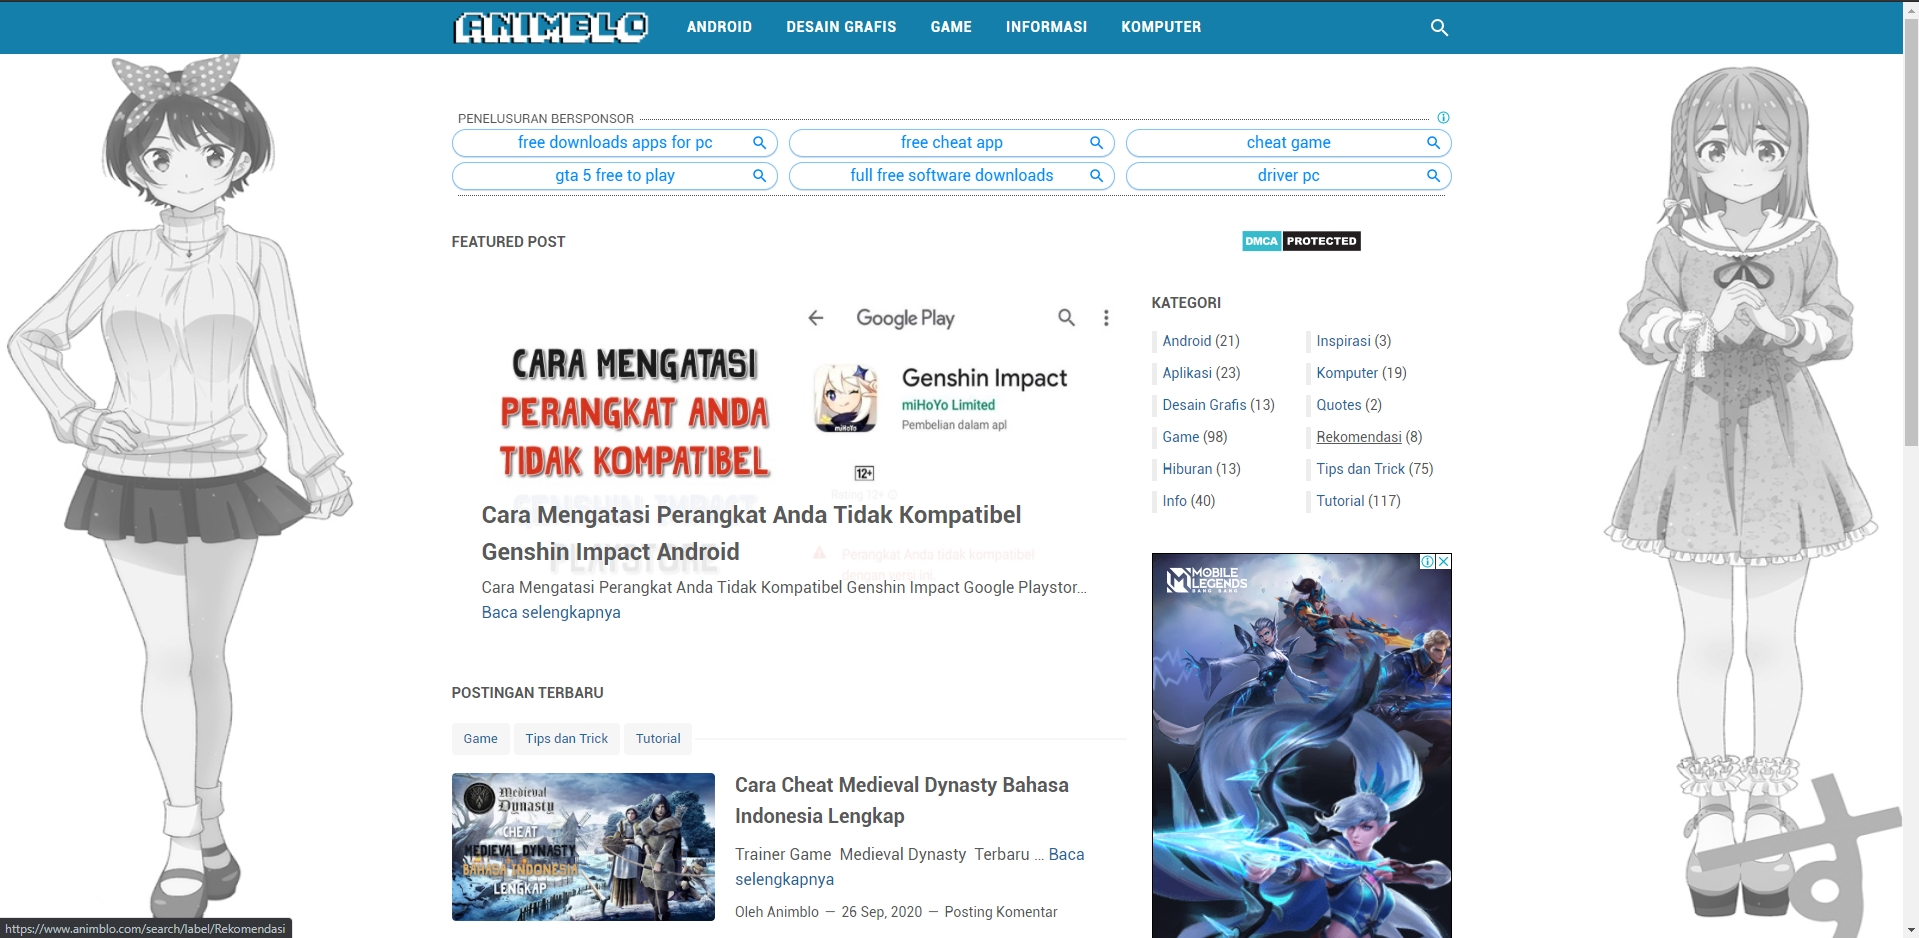 Tempat Informasi Seputar Game dan Teknologi